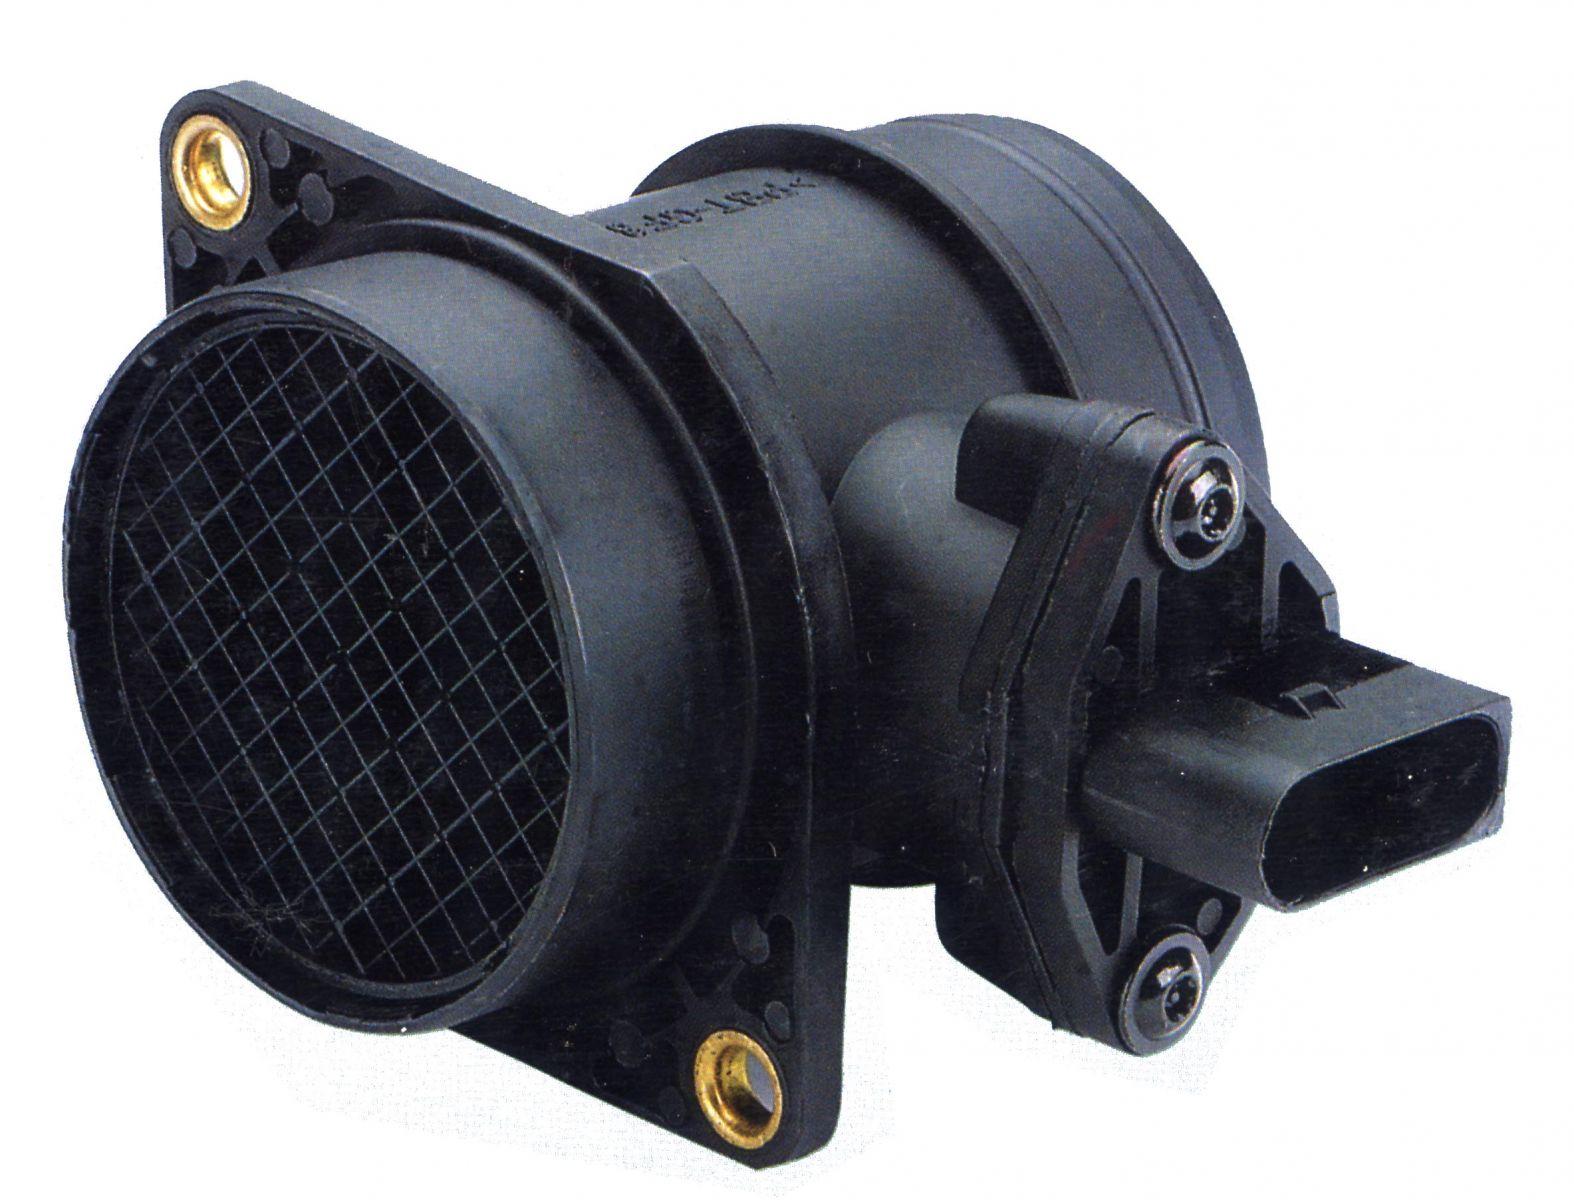 Расходомер воздуха, или ДМРВ (датчик массового расхода воздуха).